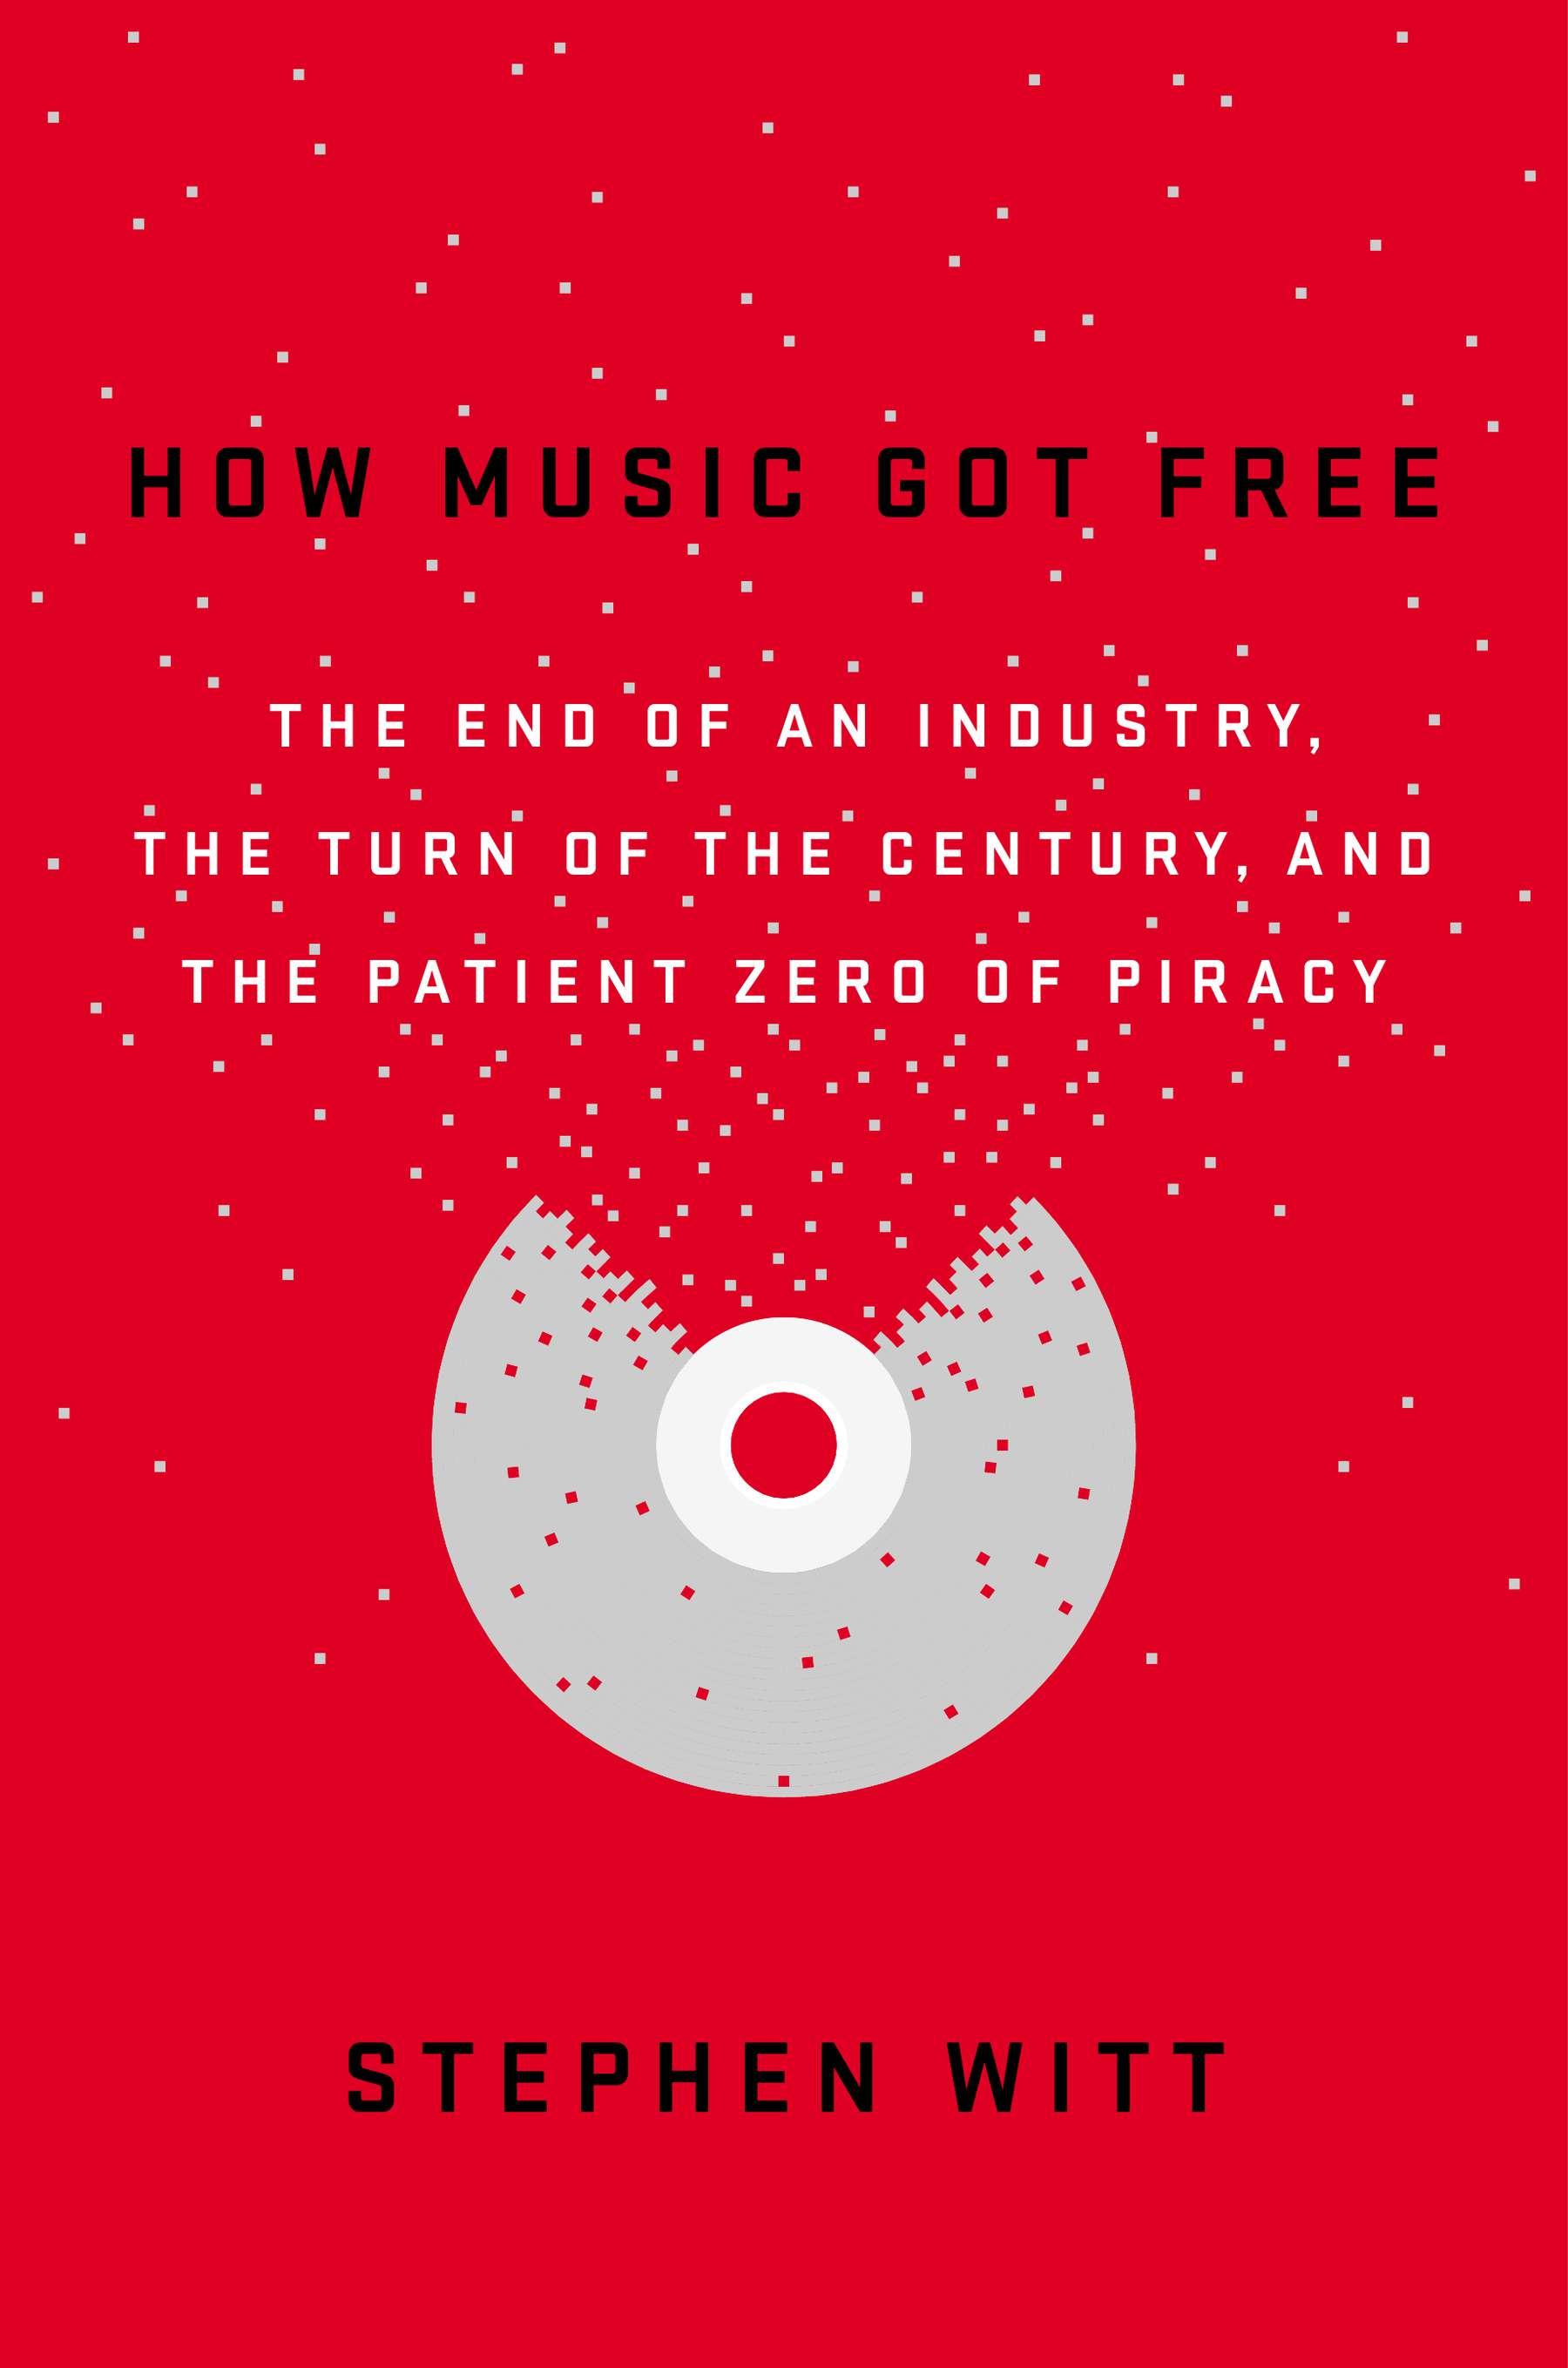 Jak muzyka stała się darmowa